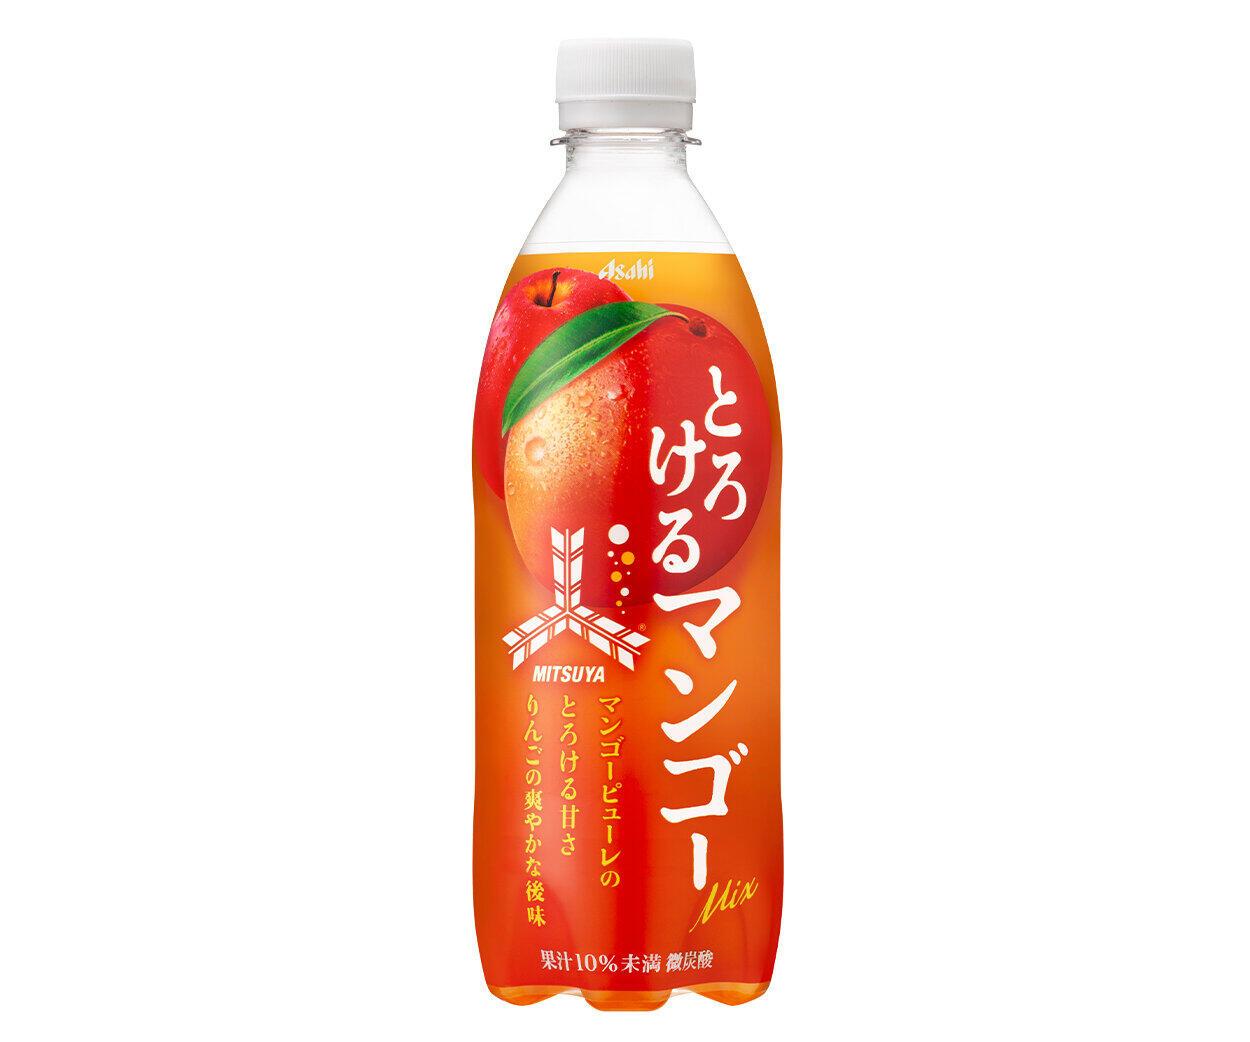 りんご果汁で後味爽やか 「三ツ矢」から「とろけるマンゴーミックス」